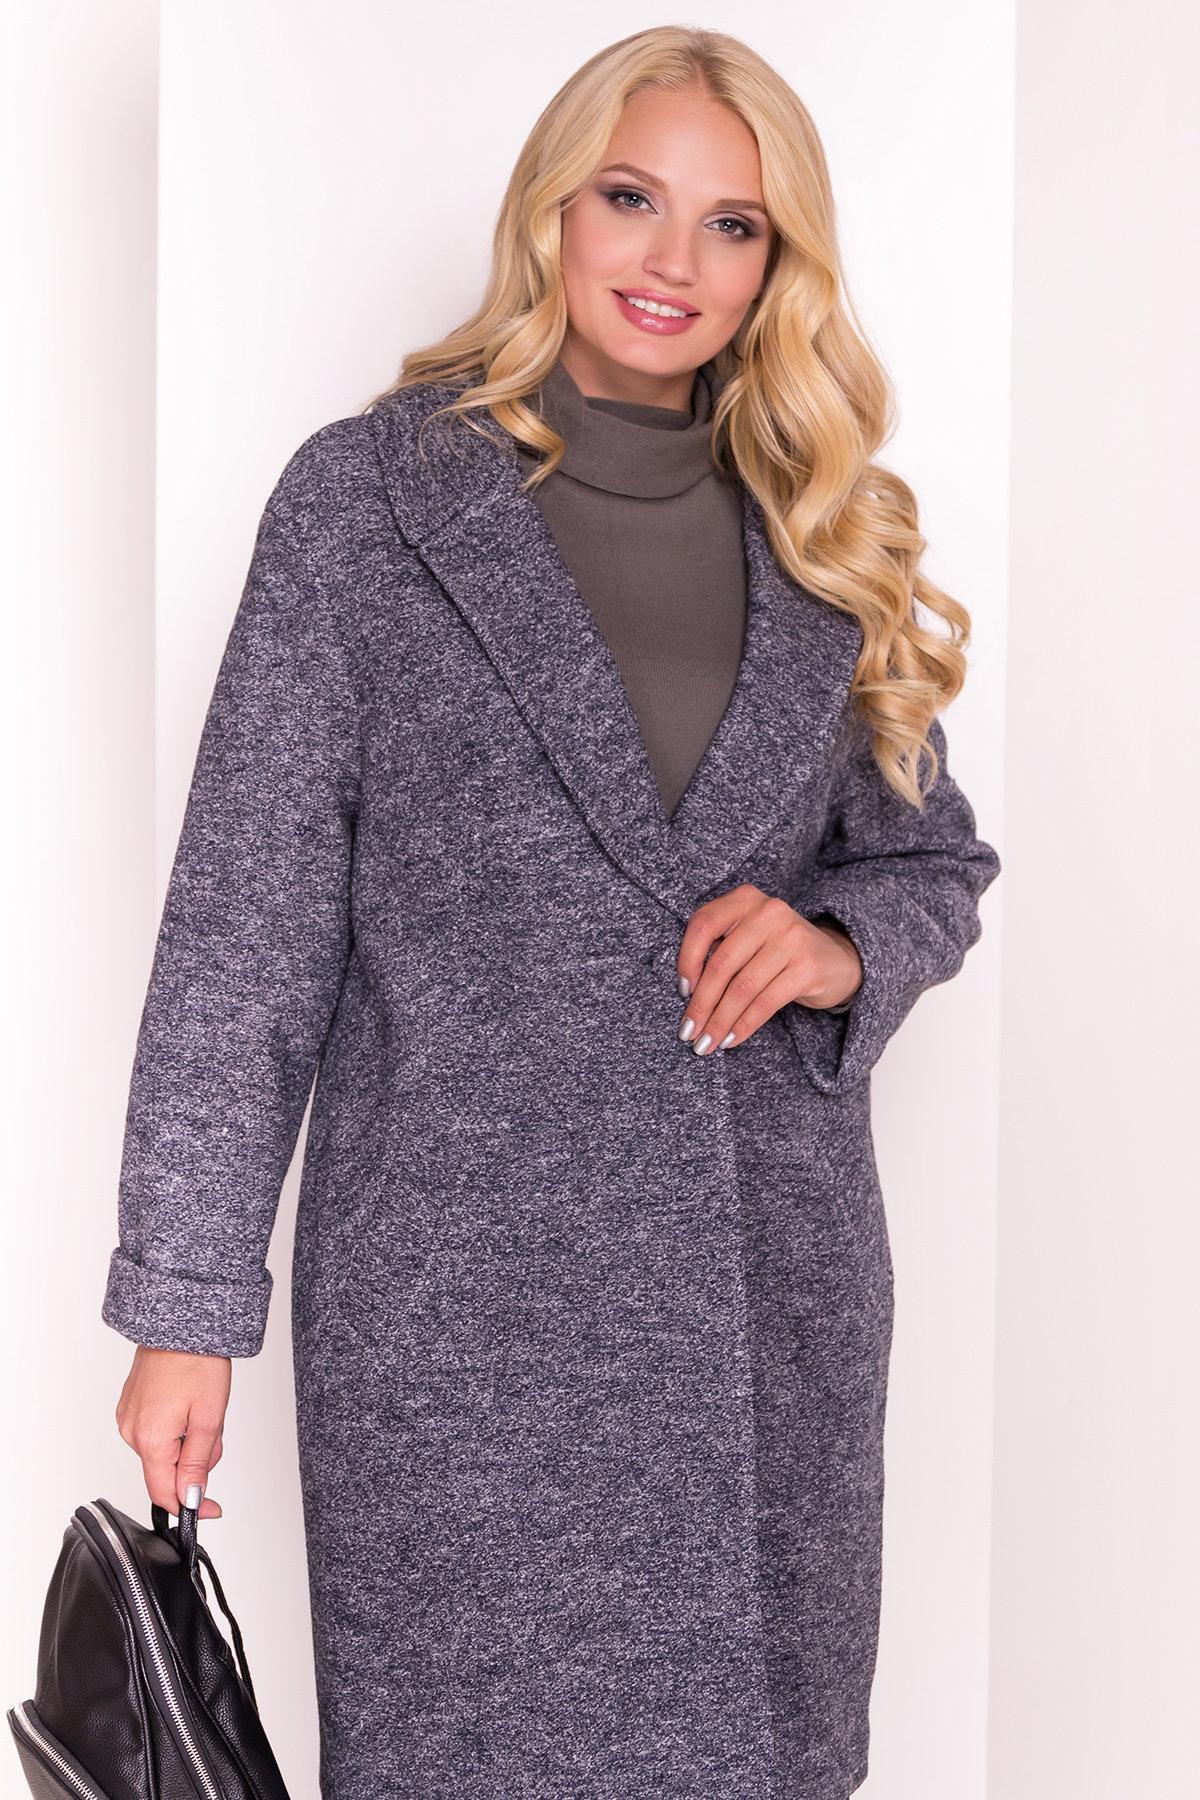 Пальто Арсина Donna 4451 АРТ. 21631 Цвет: Серый темный LW-22 - фото 3, интернет магазин tm-modus.ru